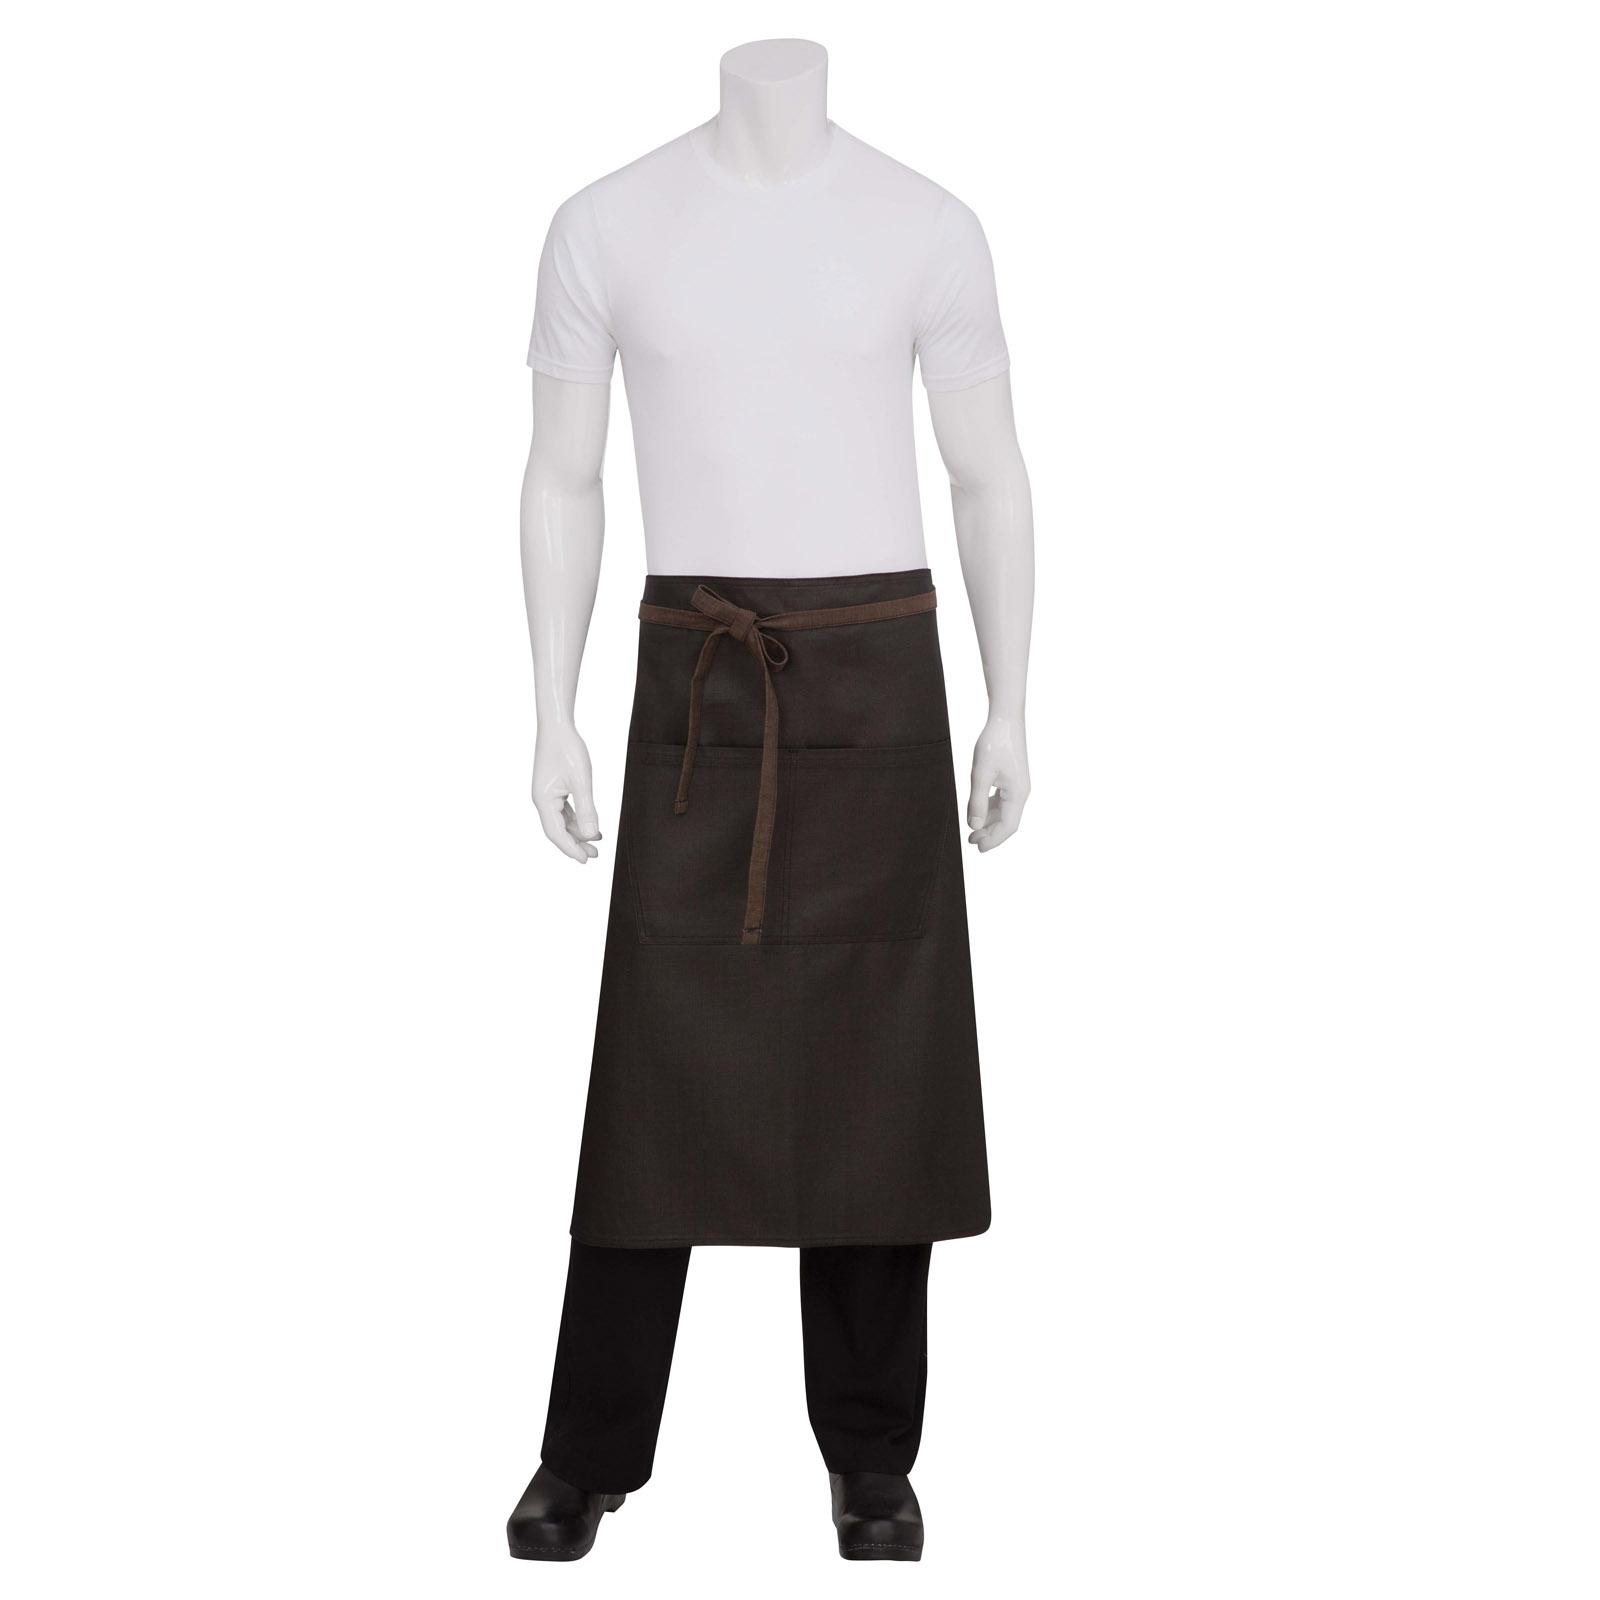 Chef Works ALWWT021BNB0 waist apron